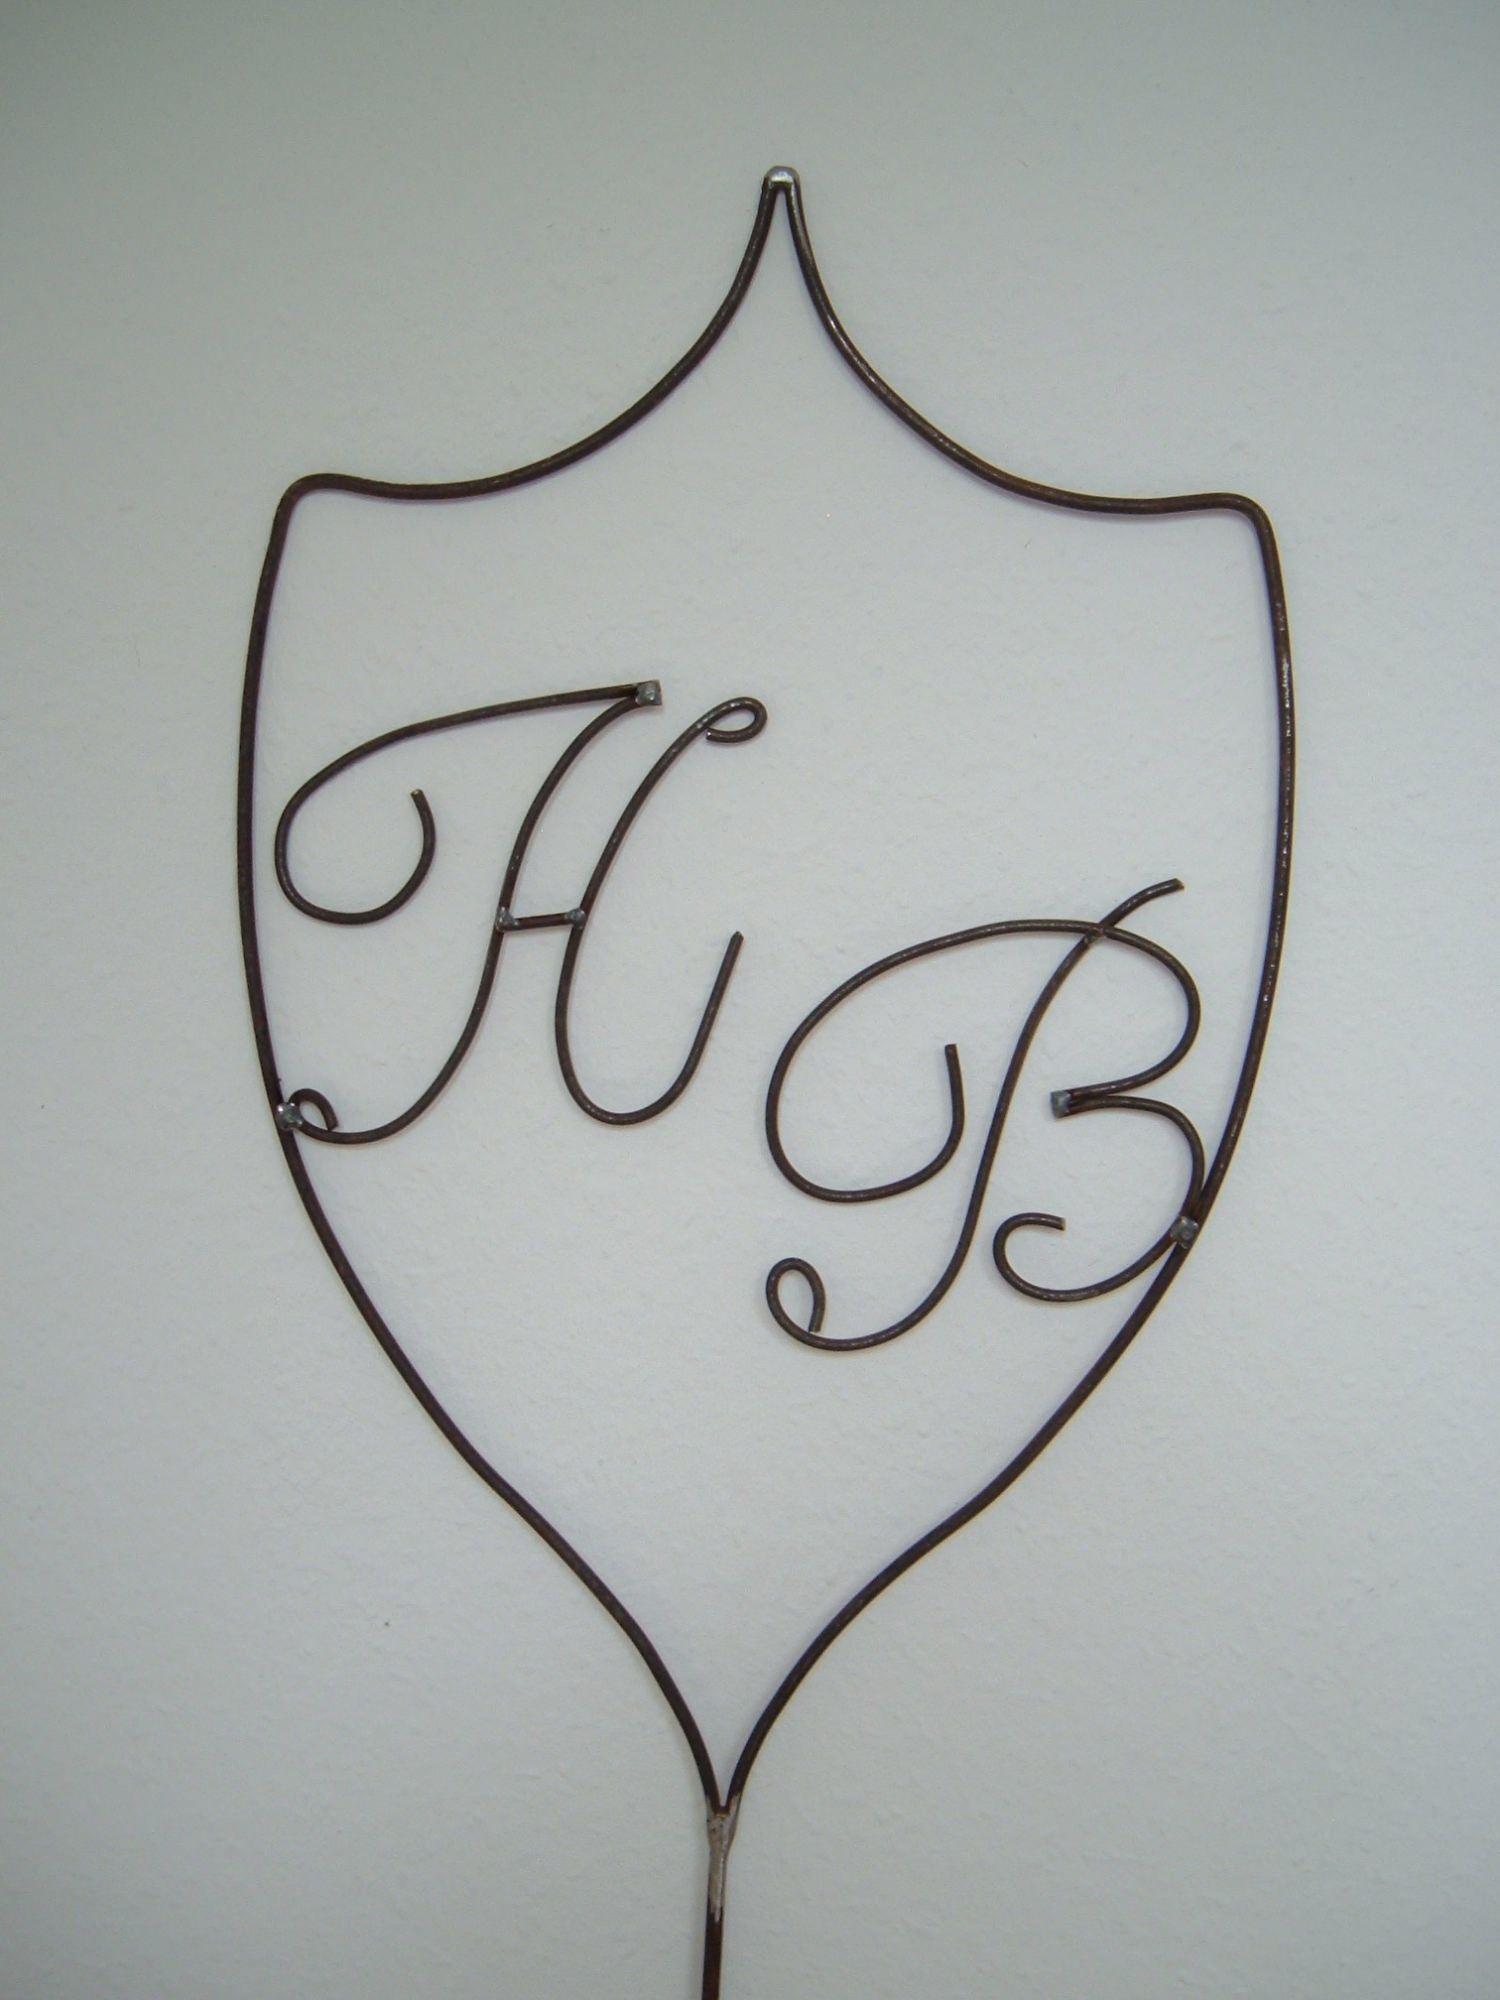 - Wappen aus Metall mit Initialen / Buchstaben nach Wunsch in Handarbeit - Familienwappen - Wappen aus Metall mit Initialen / Buchstaben nach Wunsch in Handarbeit - Familienwappen